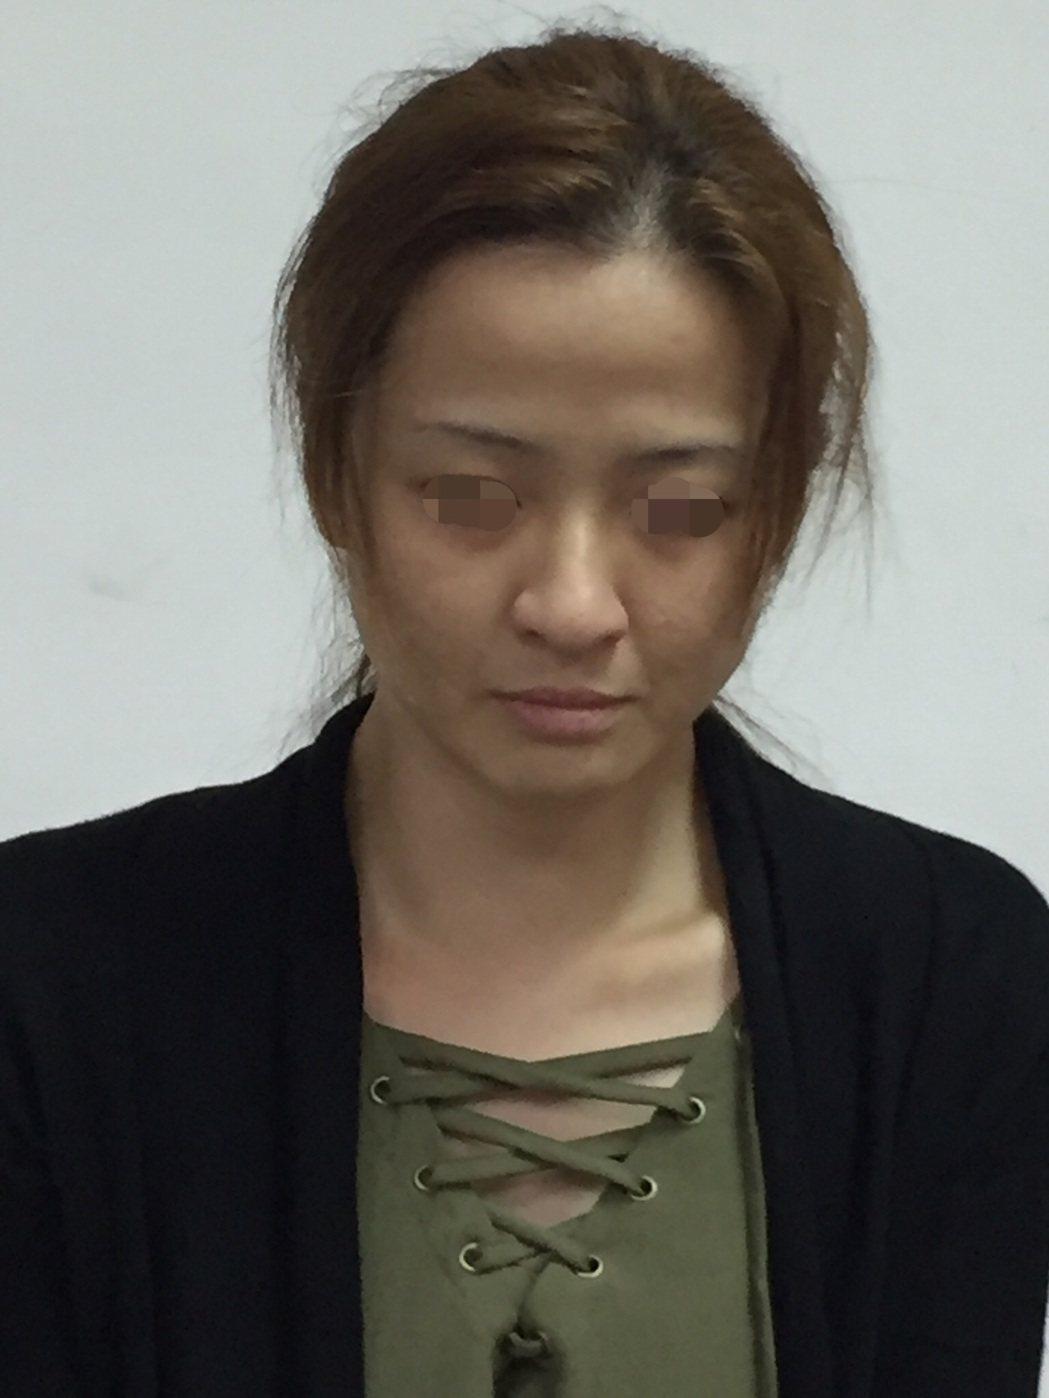 嚴女被逮時,和照片判若兩人。記者林伯驊/翻攝